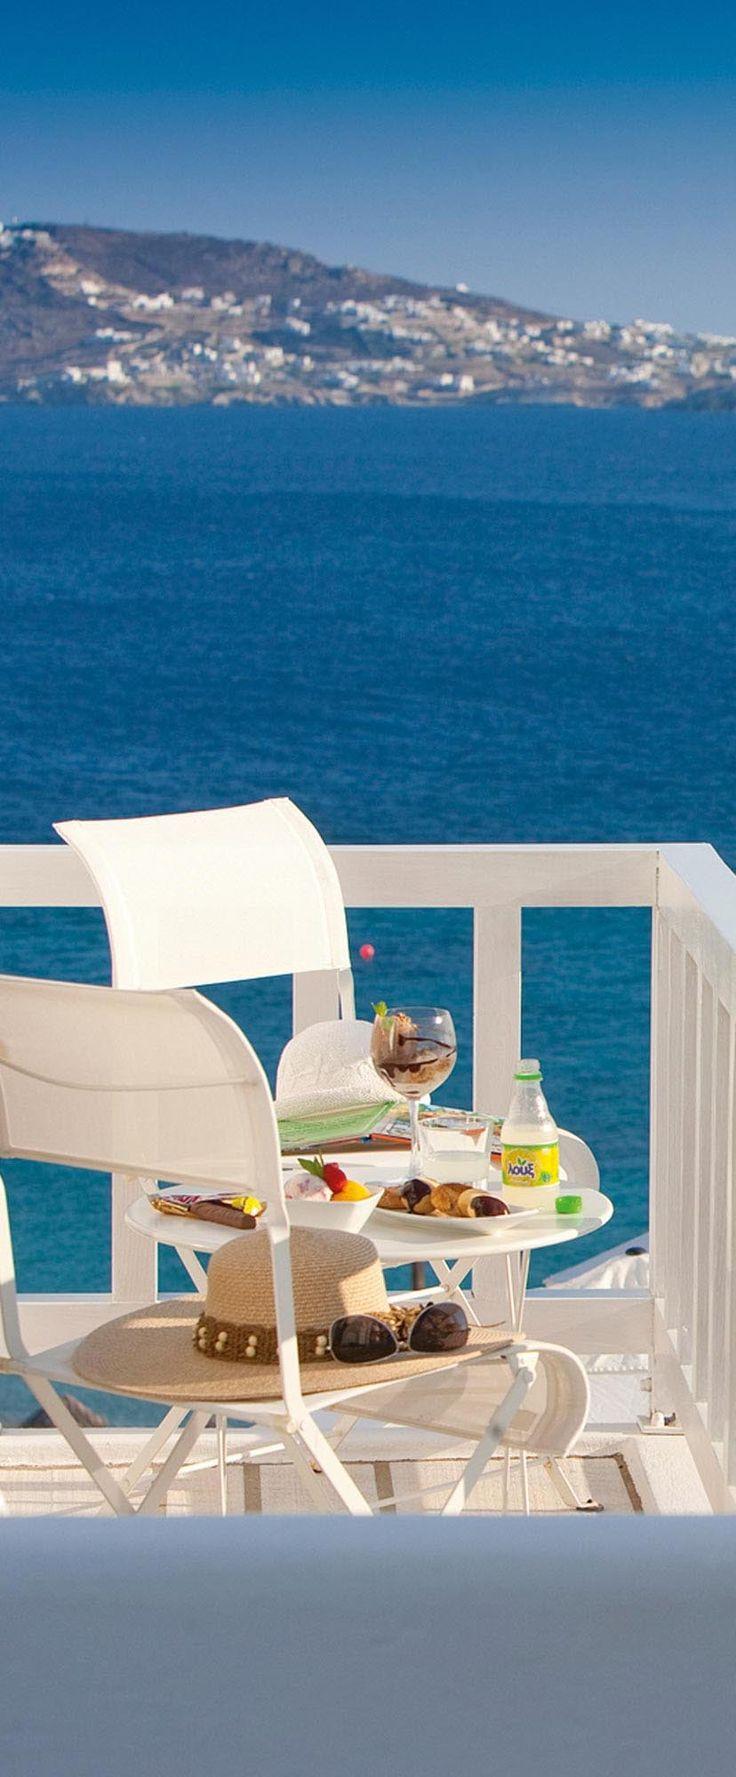 Grace Mykonos, luxury hotel in Mykonos, Greece http://www.mediteranique.com/hotels-greece/mykonos/grace-mykonos/